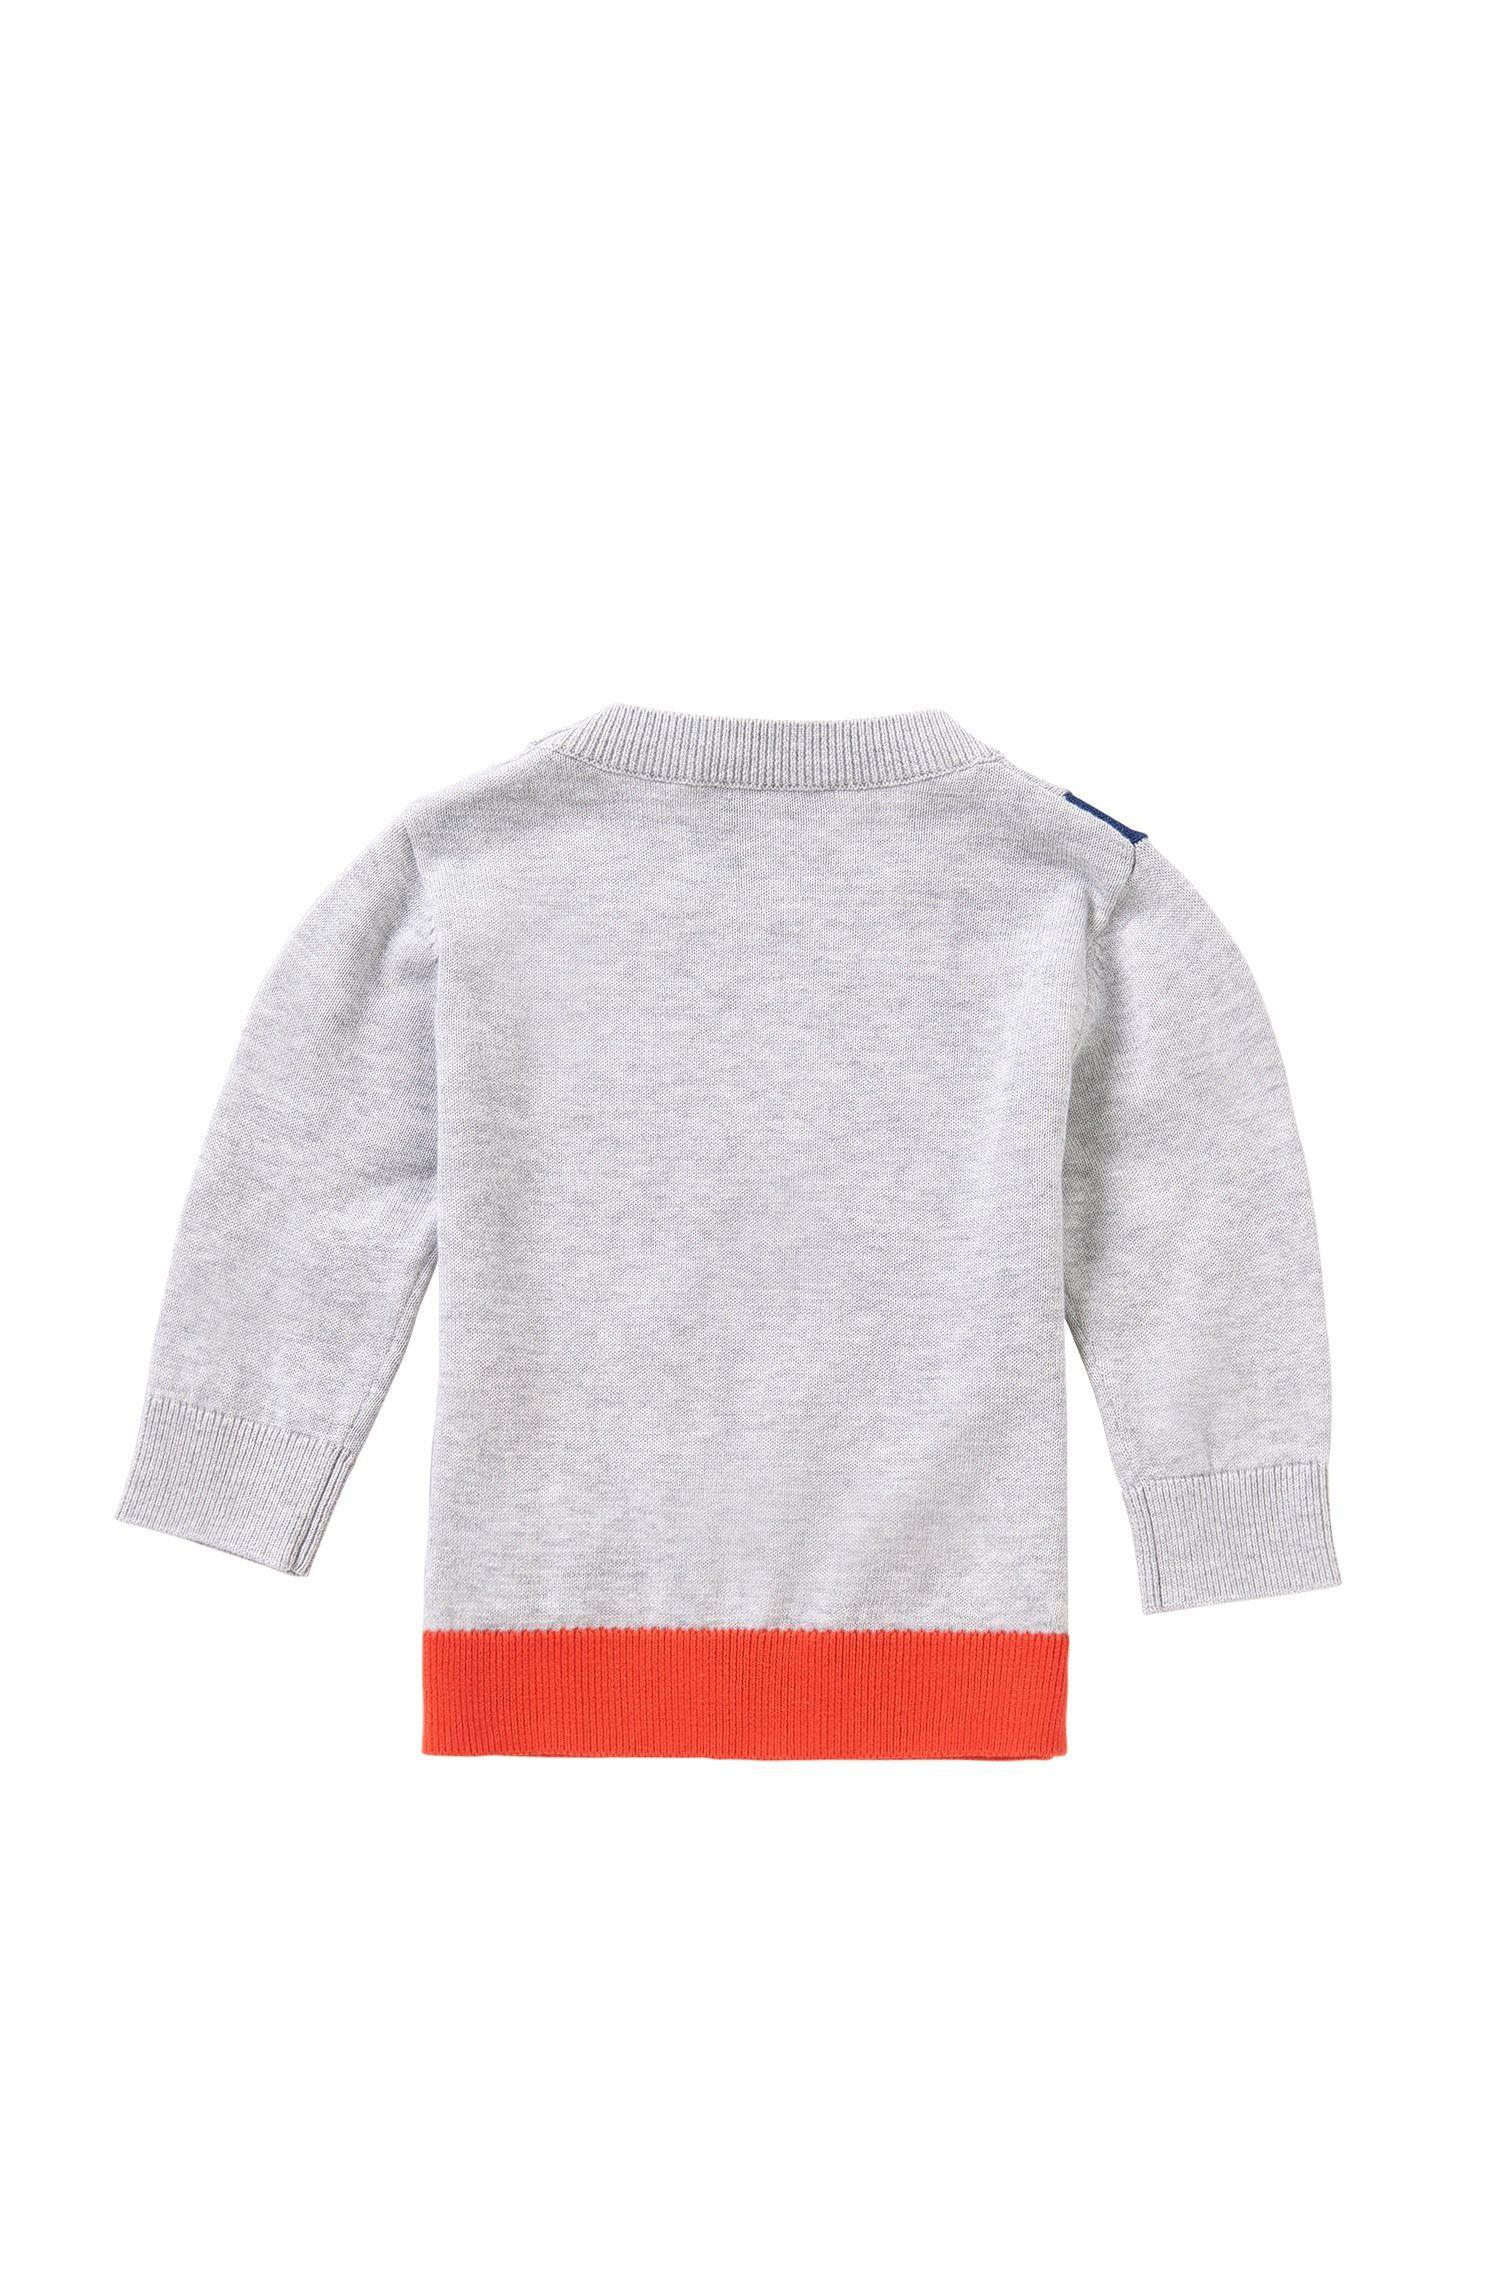 HUGO BOSS Pull pour bébé en coton au design multicolore sur le devant : ? J05471 ?